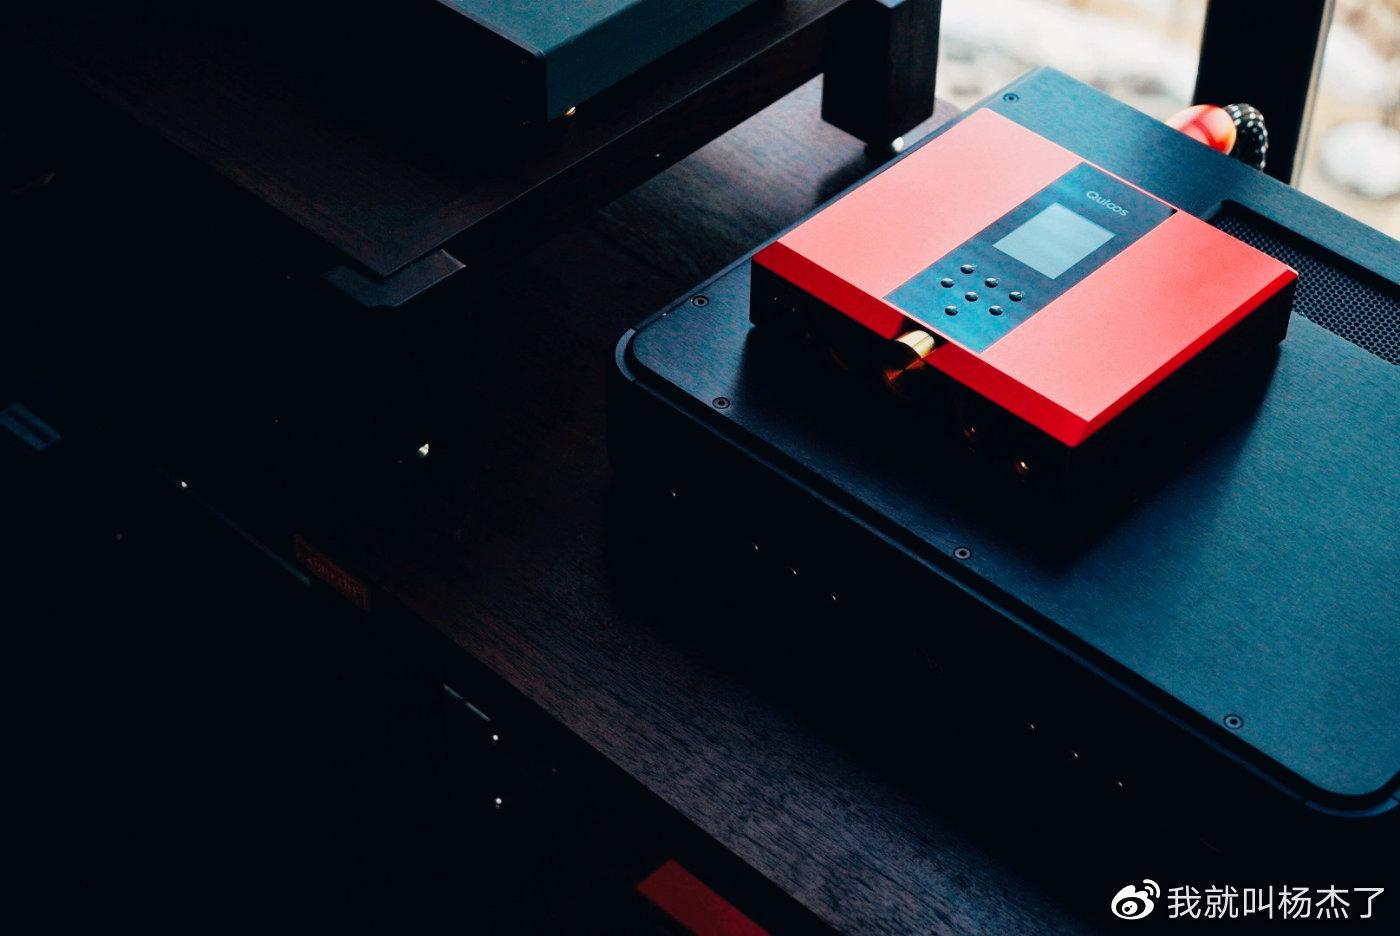 【转载】扫地僧——乾隆盛QLS QA390可移动式HI-FI桌面解决方案